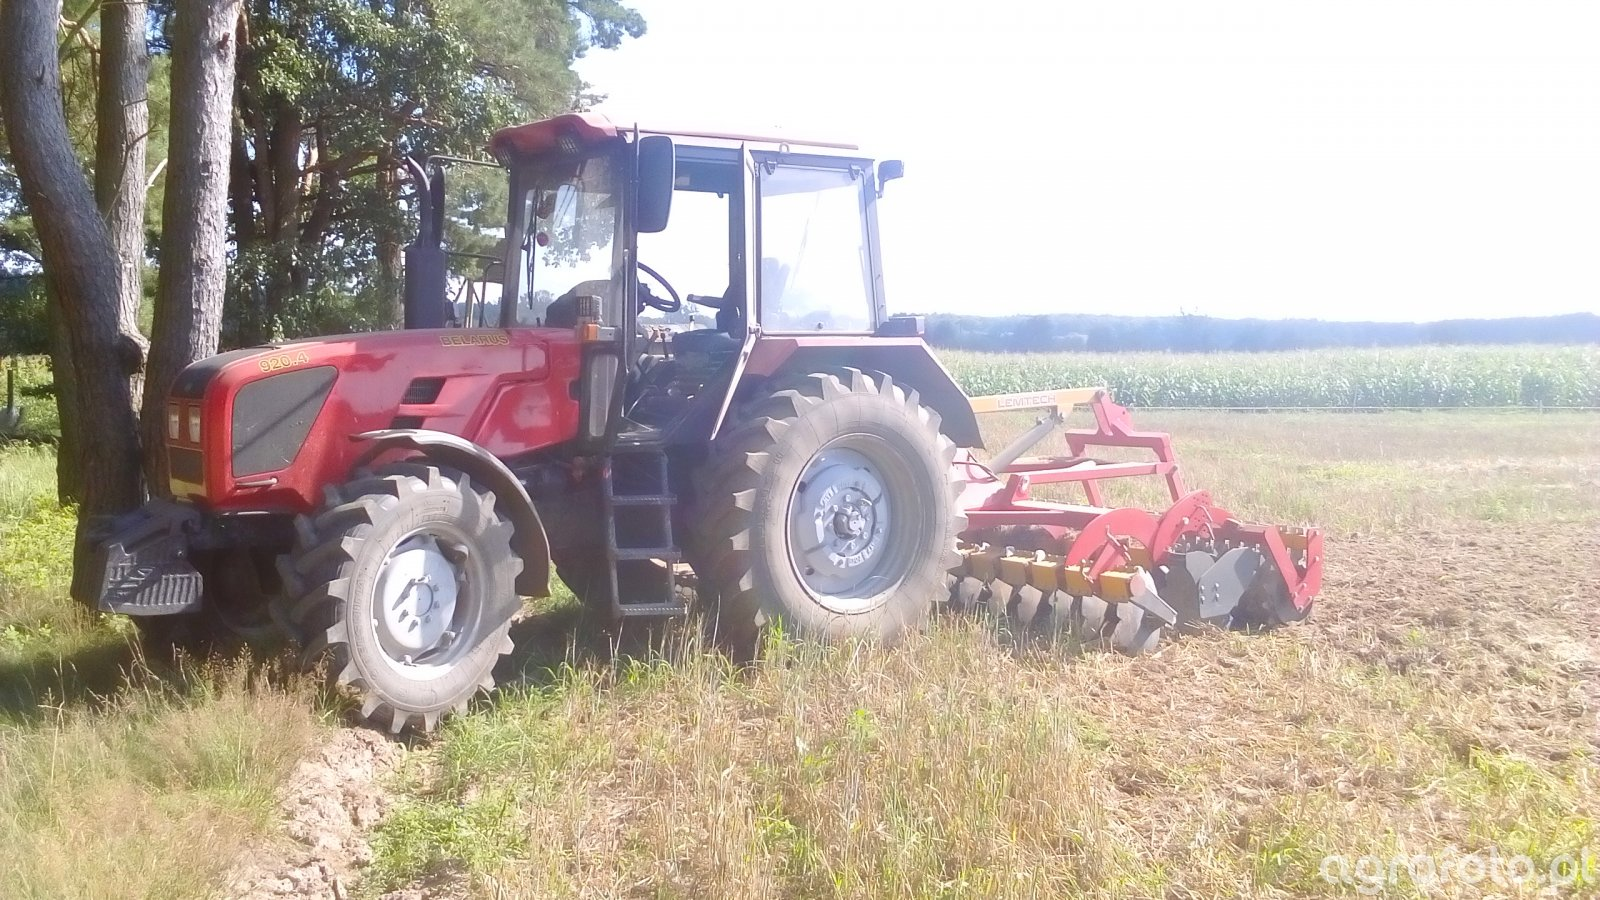 Belarus 920.4 & Lemtech Colter